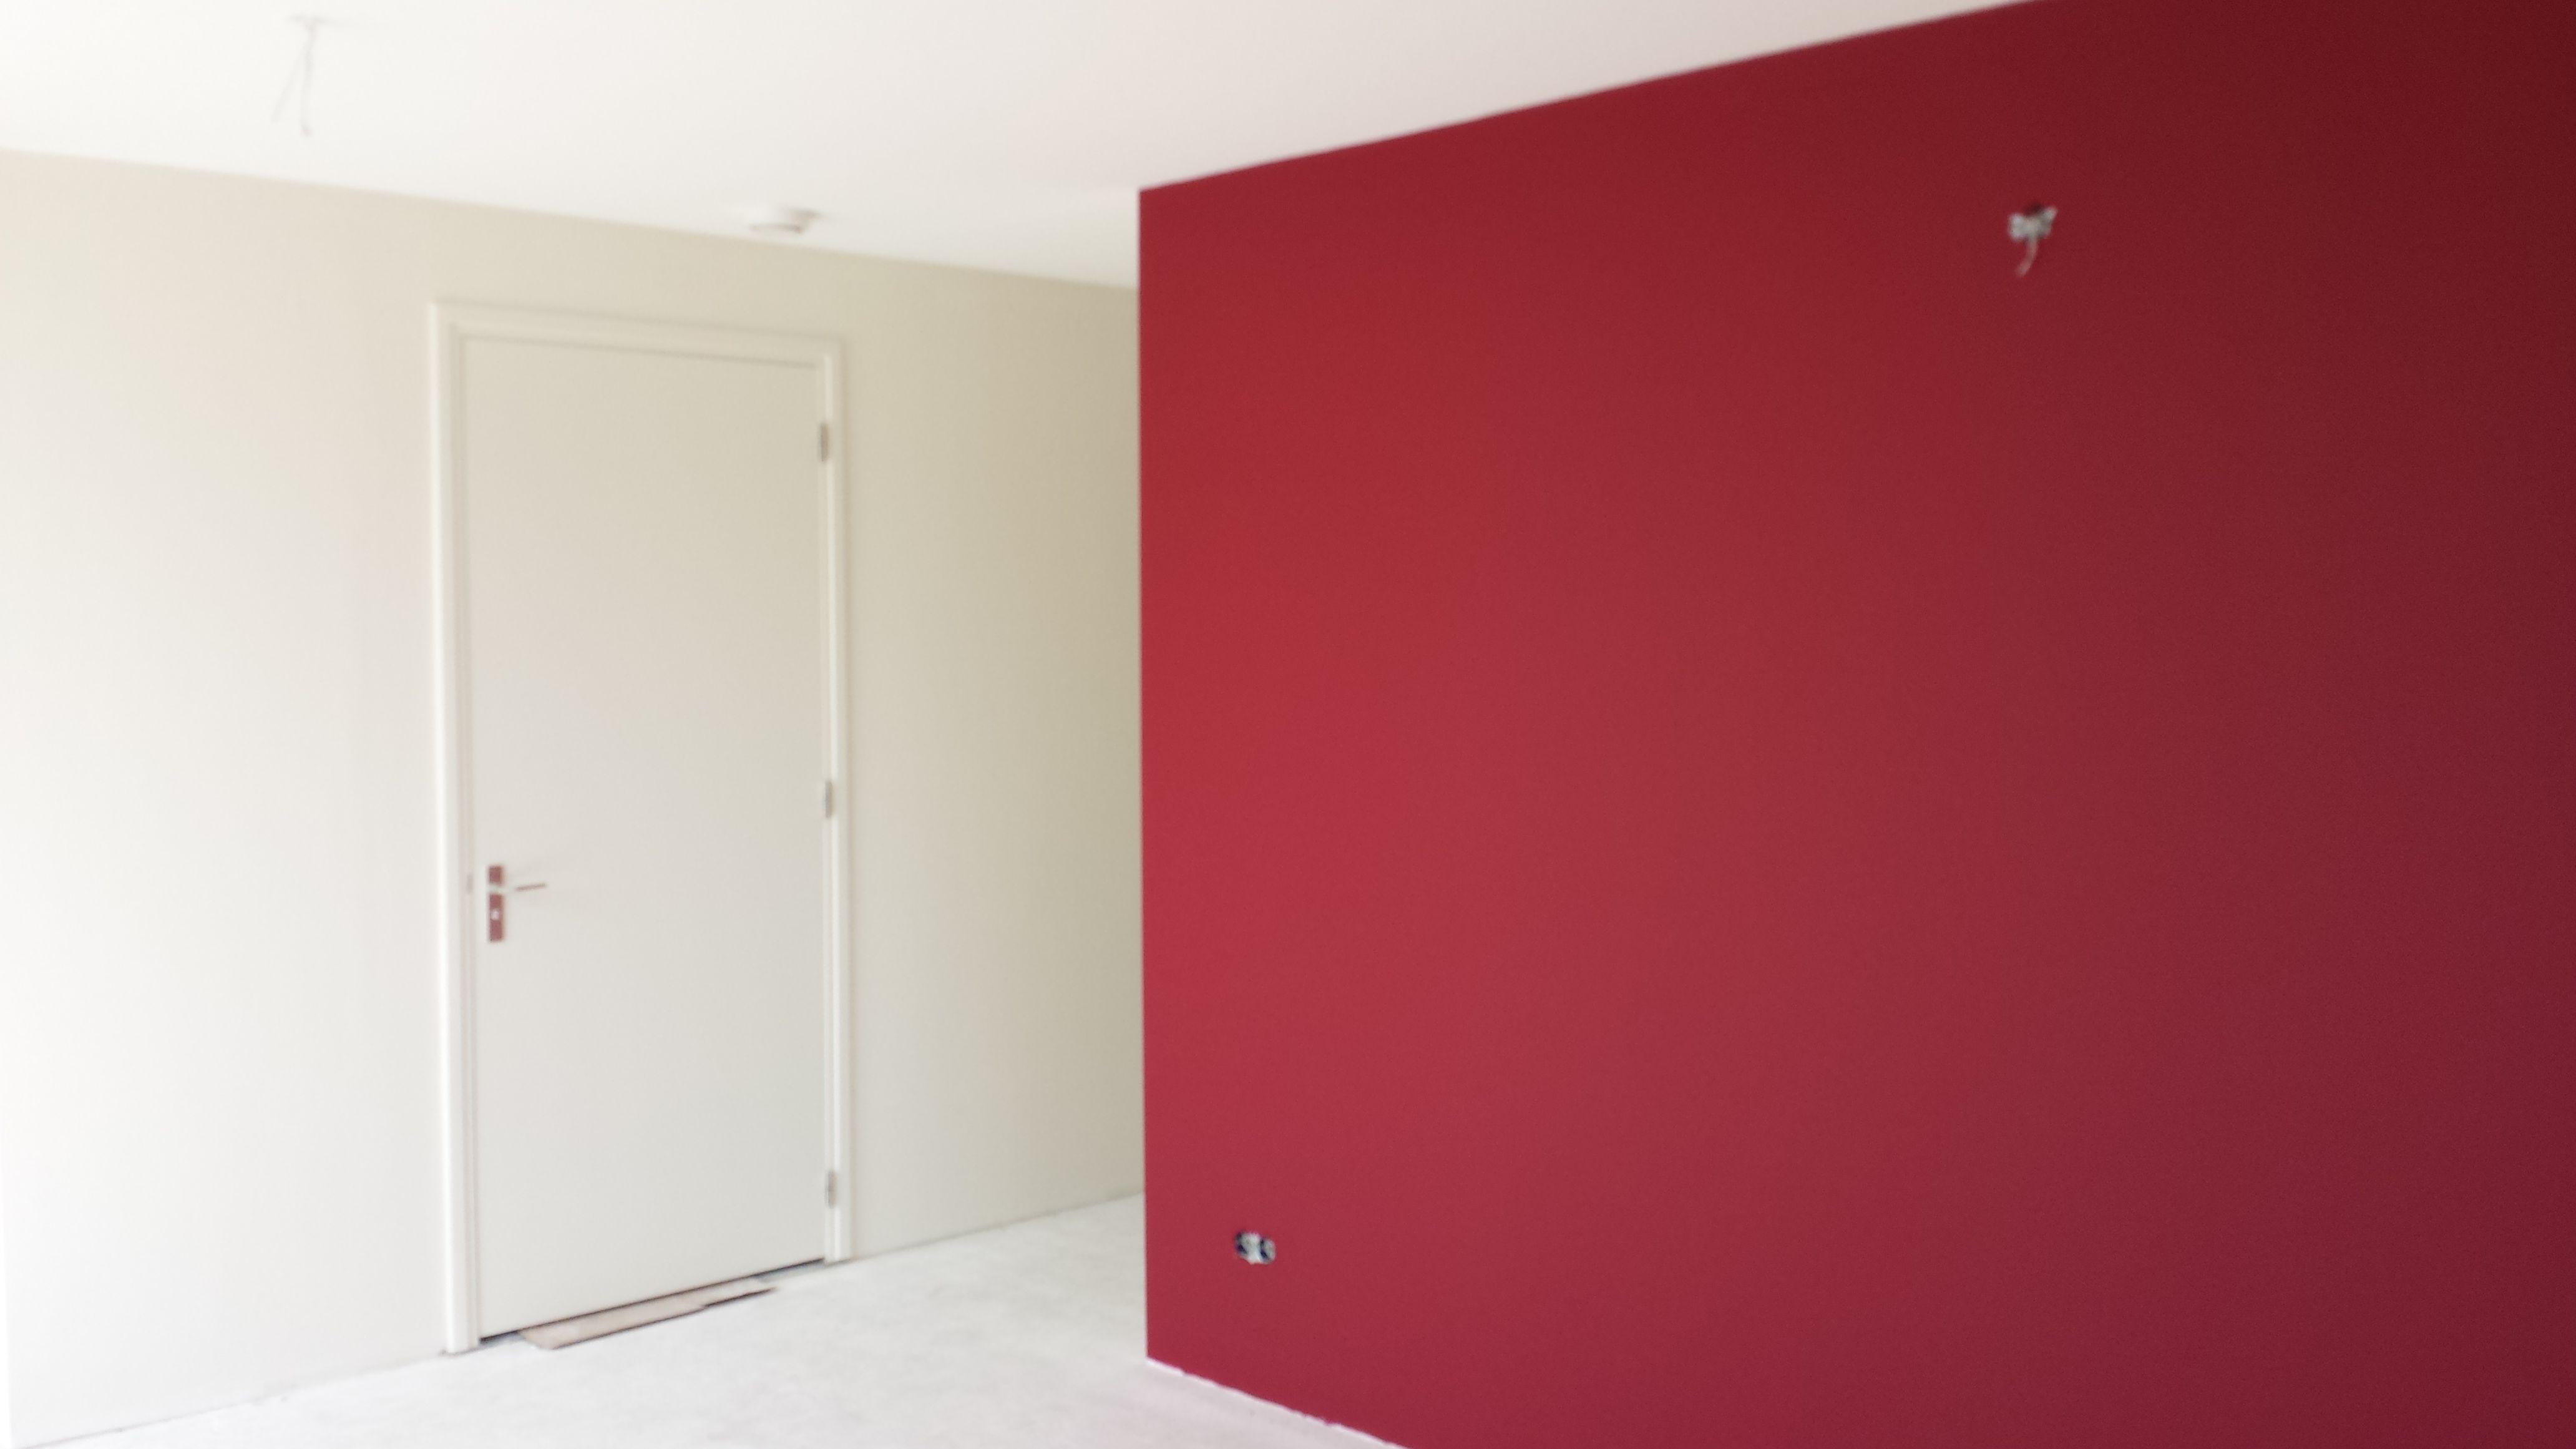 Glasvlies Behang Badkamer : Glad stucwerk afgewerkt met glasvliesbehang en geschilderd